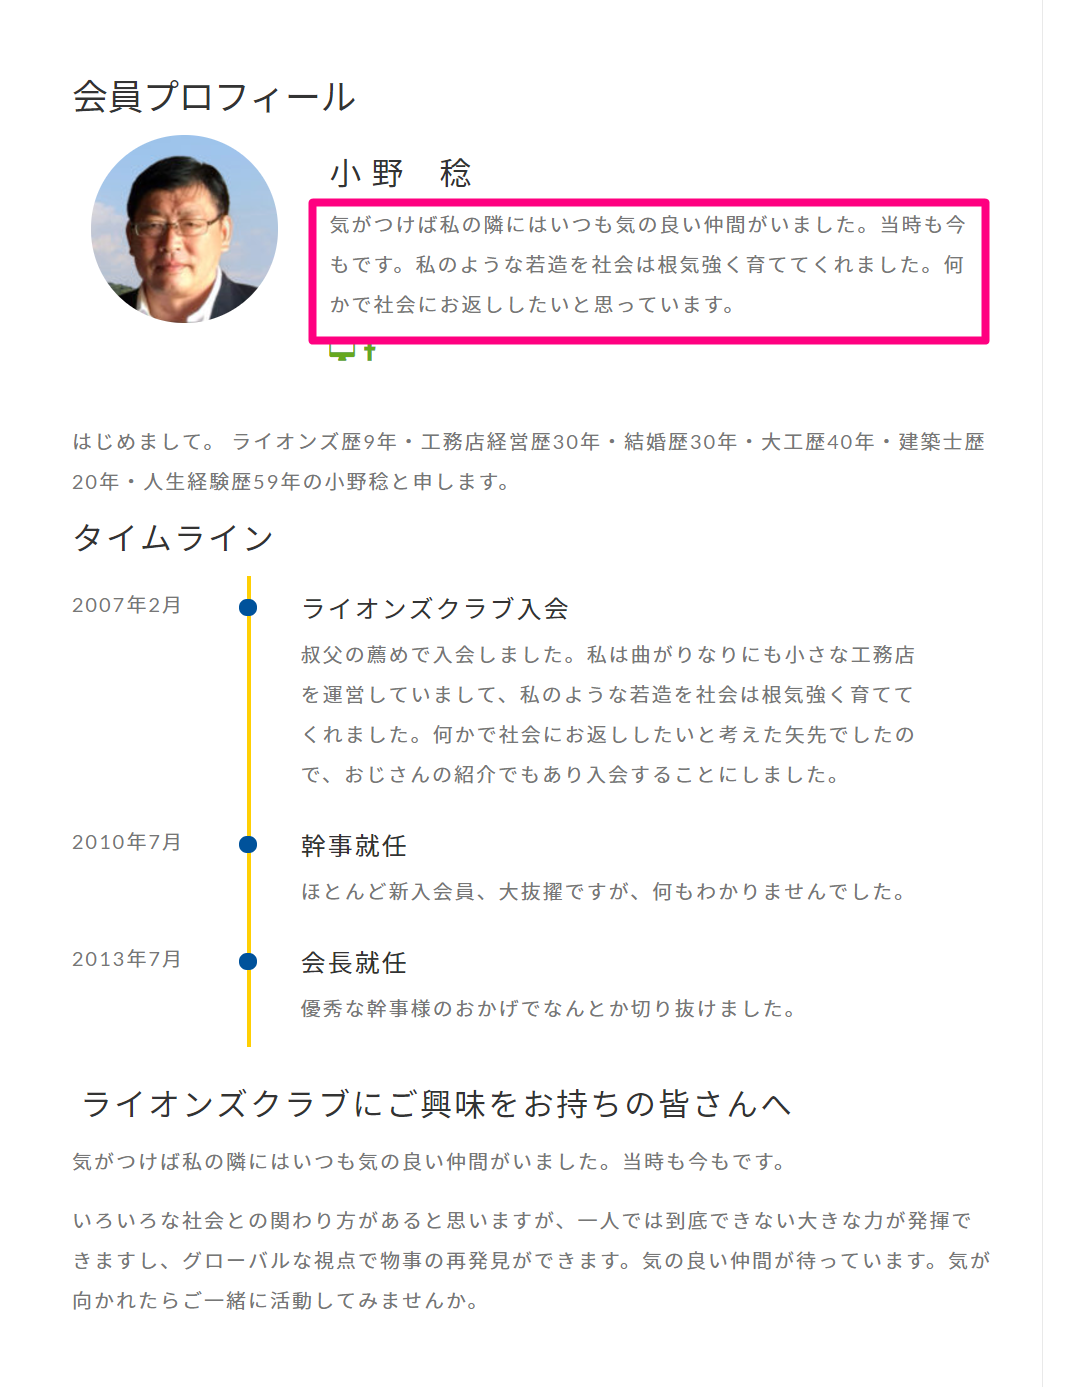 メンバー編集8